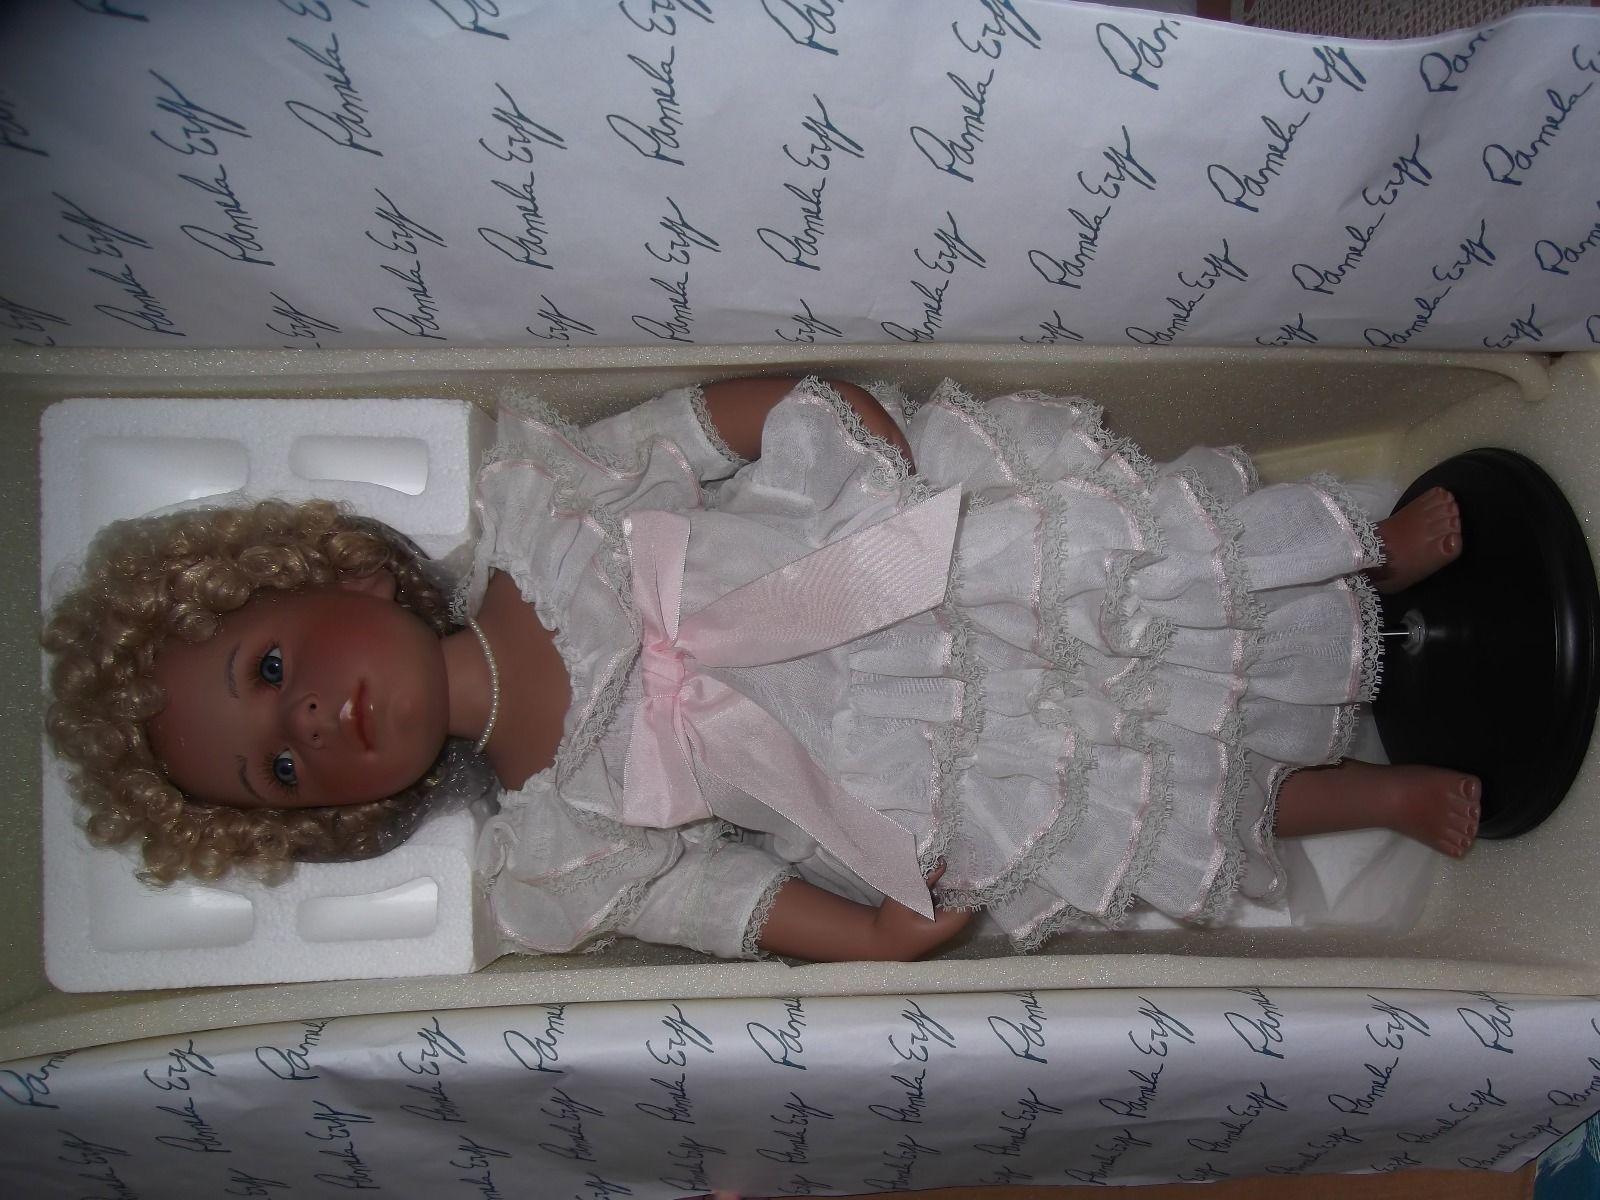 Künstlerpuppe, Porzellanpuppe von Pamela Erff (WIE NEU) | eBay